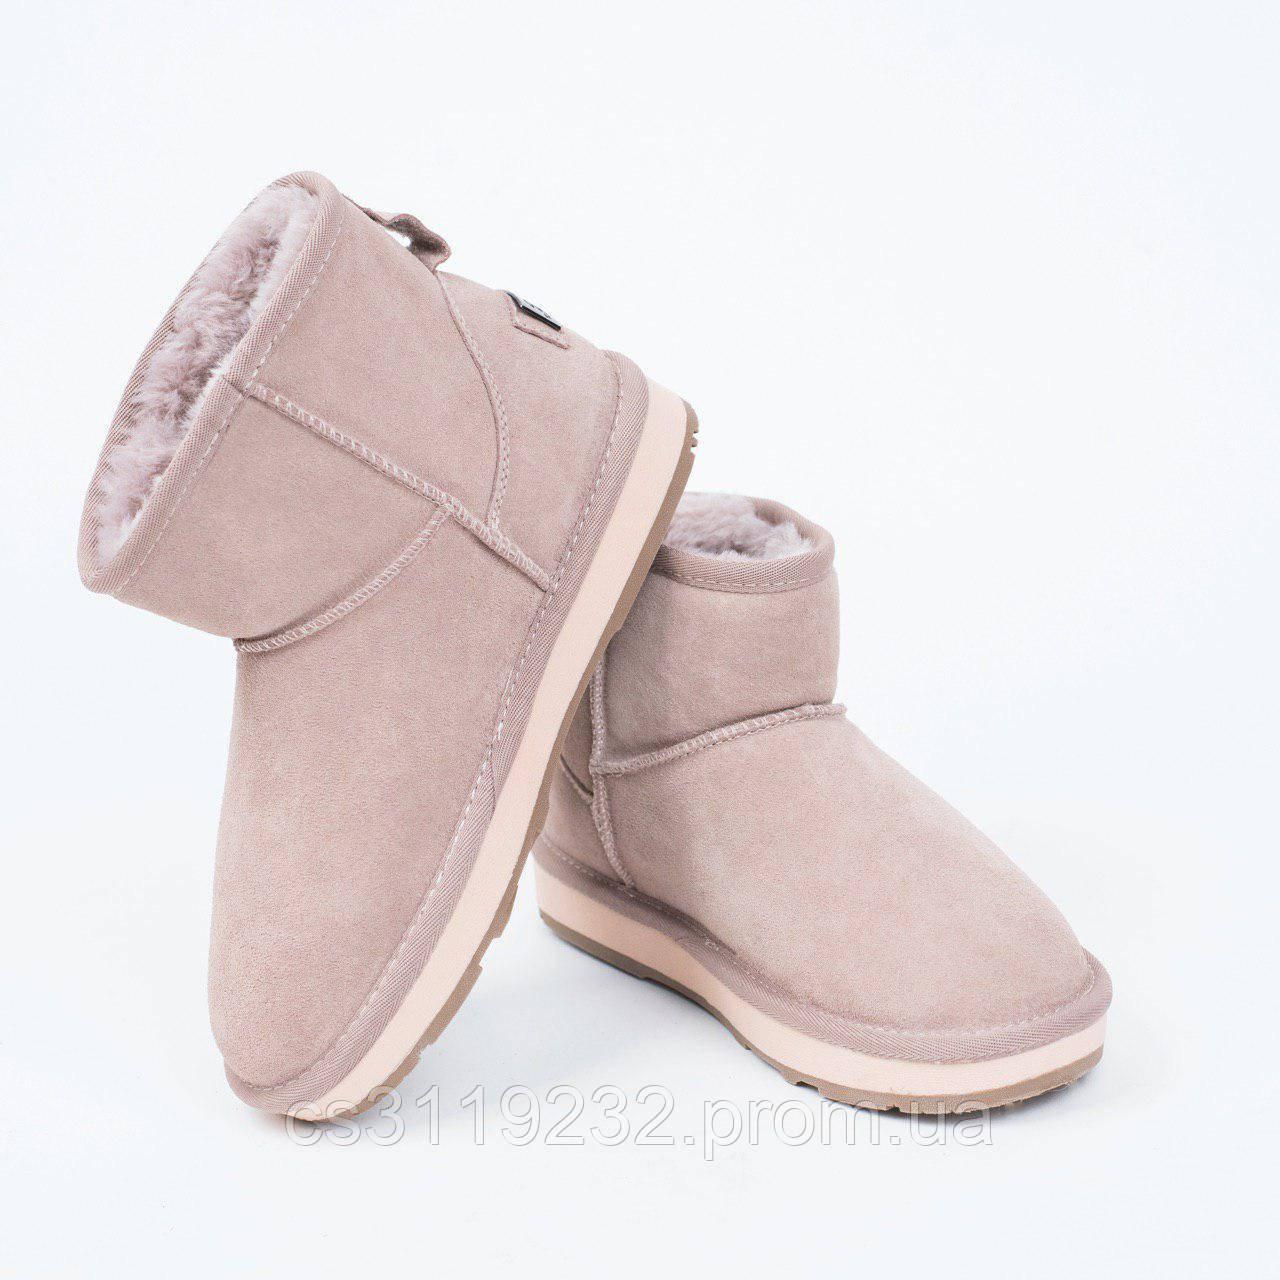 Жіночі чоботи зимові UGG Classic 2 Mini (рожеві)